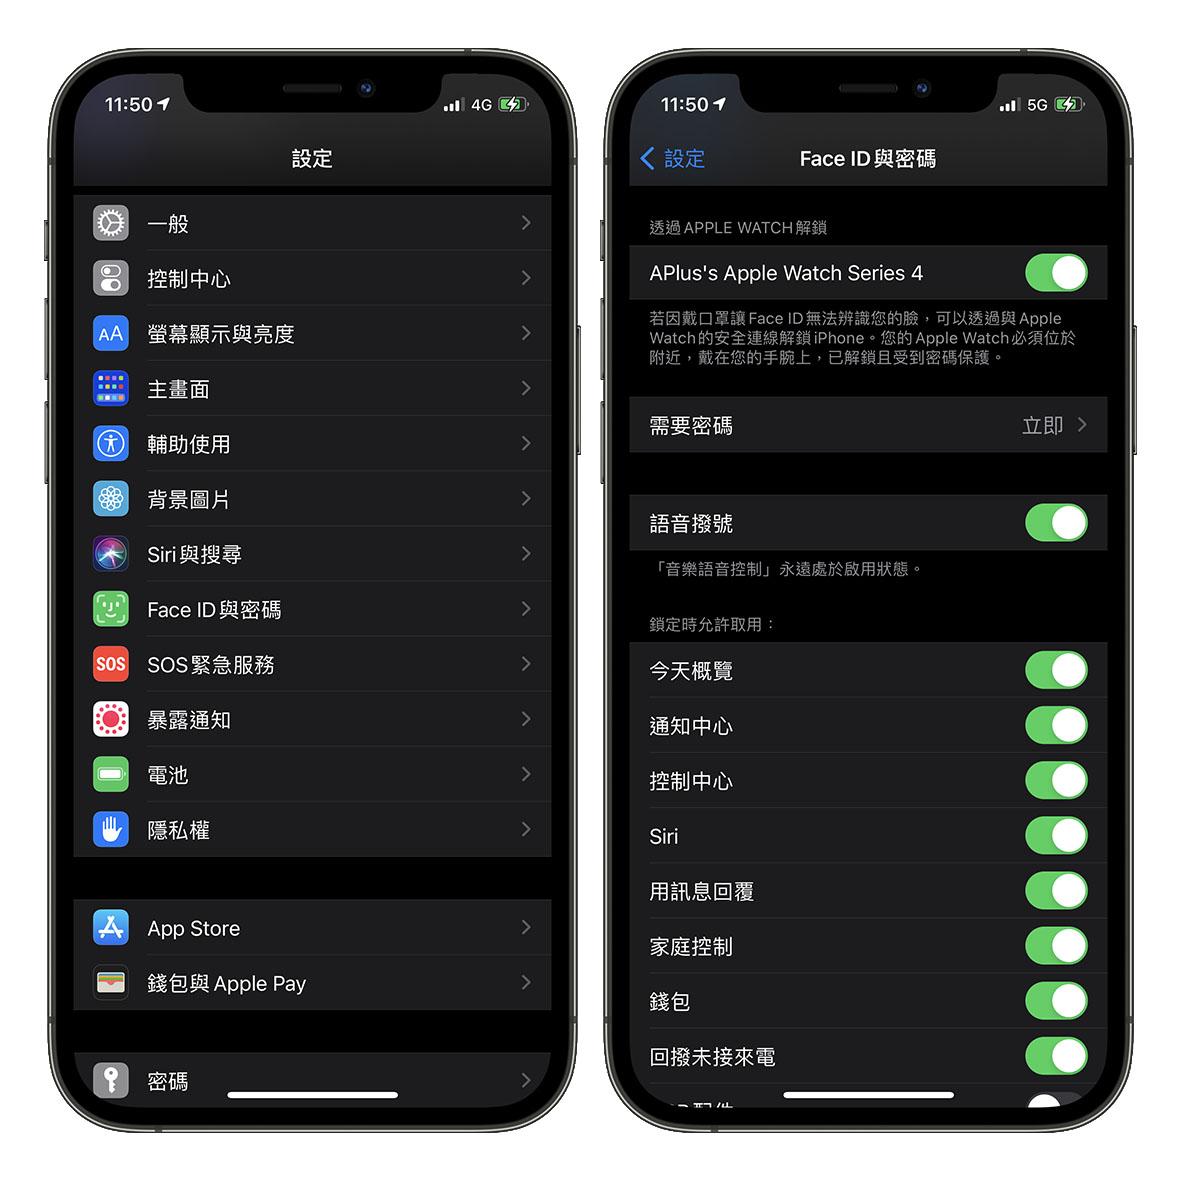 iOS 14.5、Apple Watch 解鎖 iPhone